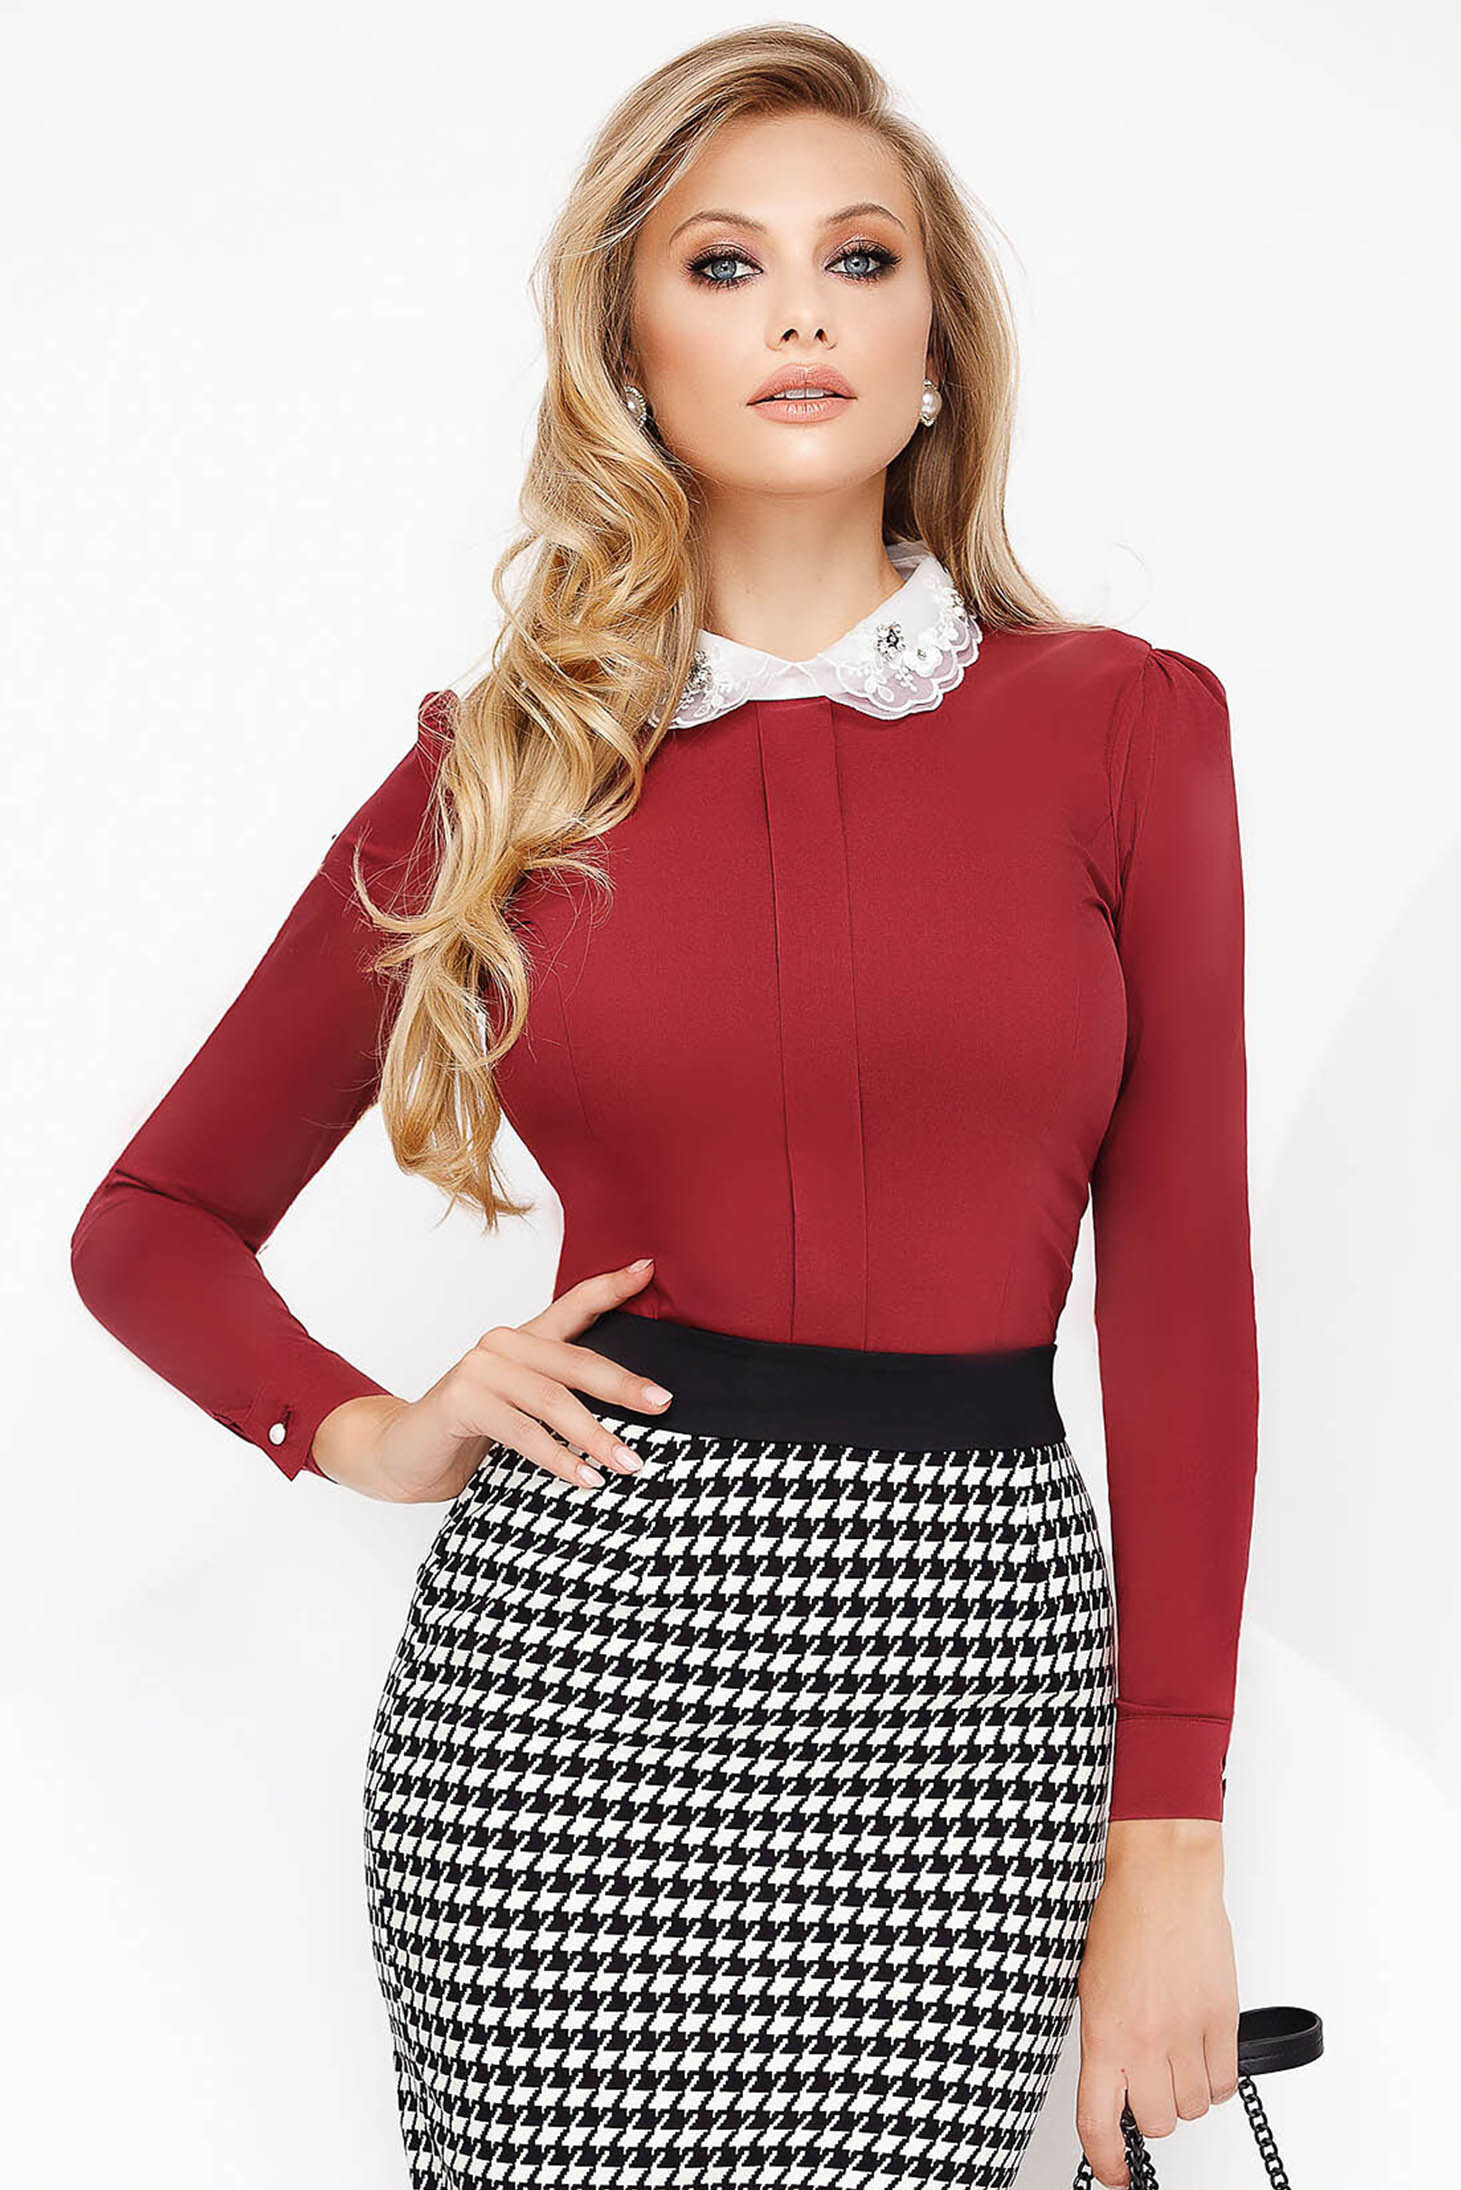 Burgundy irodai szűk szabású női ing enyhén elasztikus pamut gallérja strassz köves díszítéssel